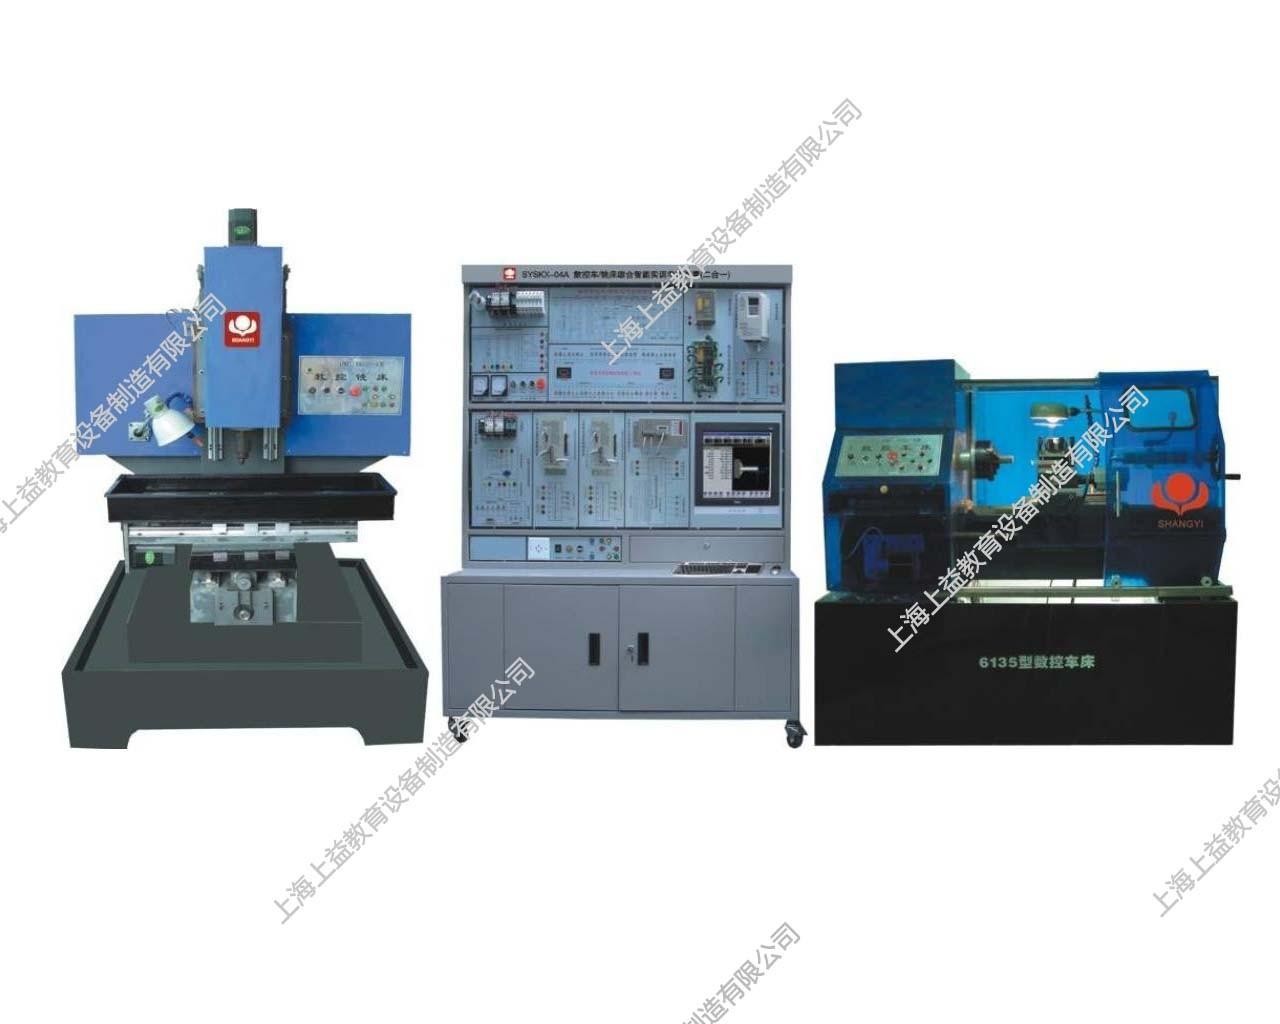 SYSKX-04A数控车/铣床综合智能wwwlehu8viplehu68vip装置(二合一)